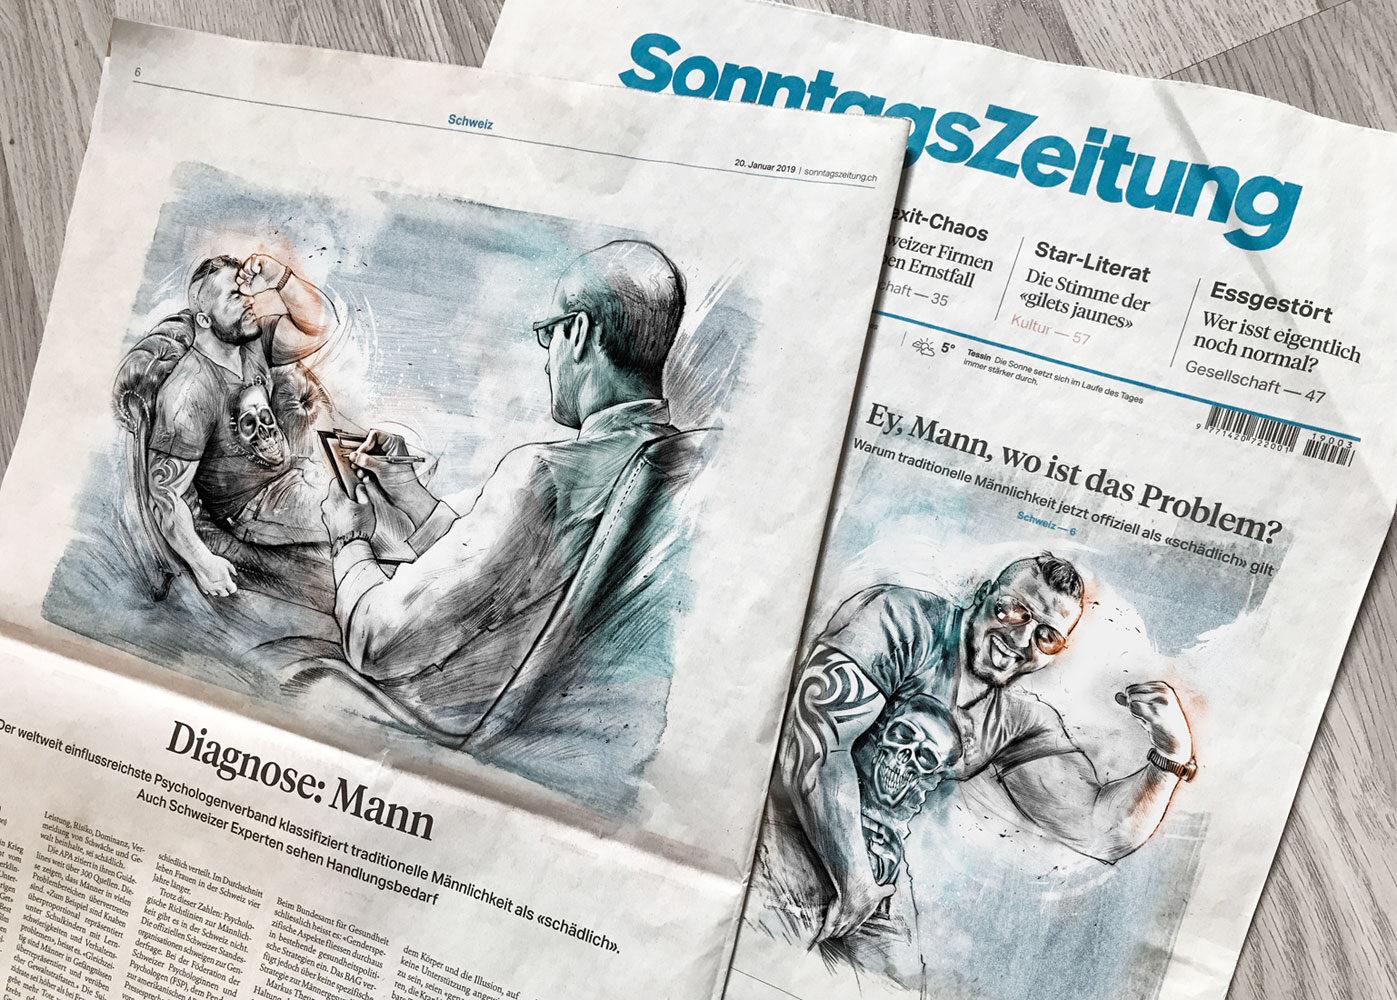 Mann 1 - Kornel Illustration | Kornel Stadler portfolio